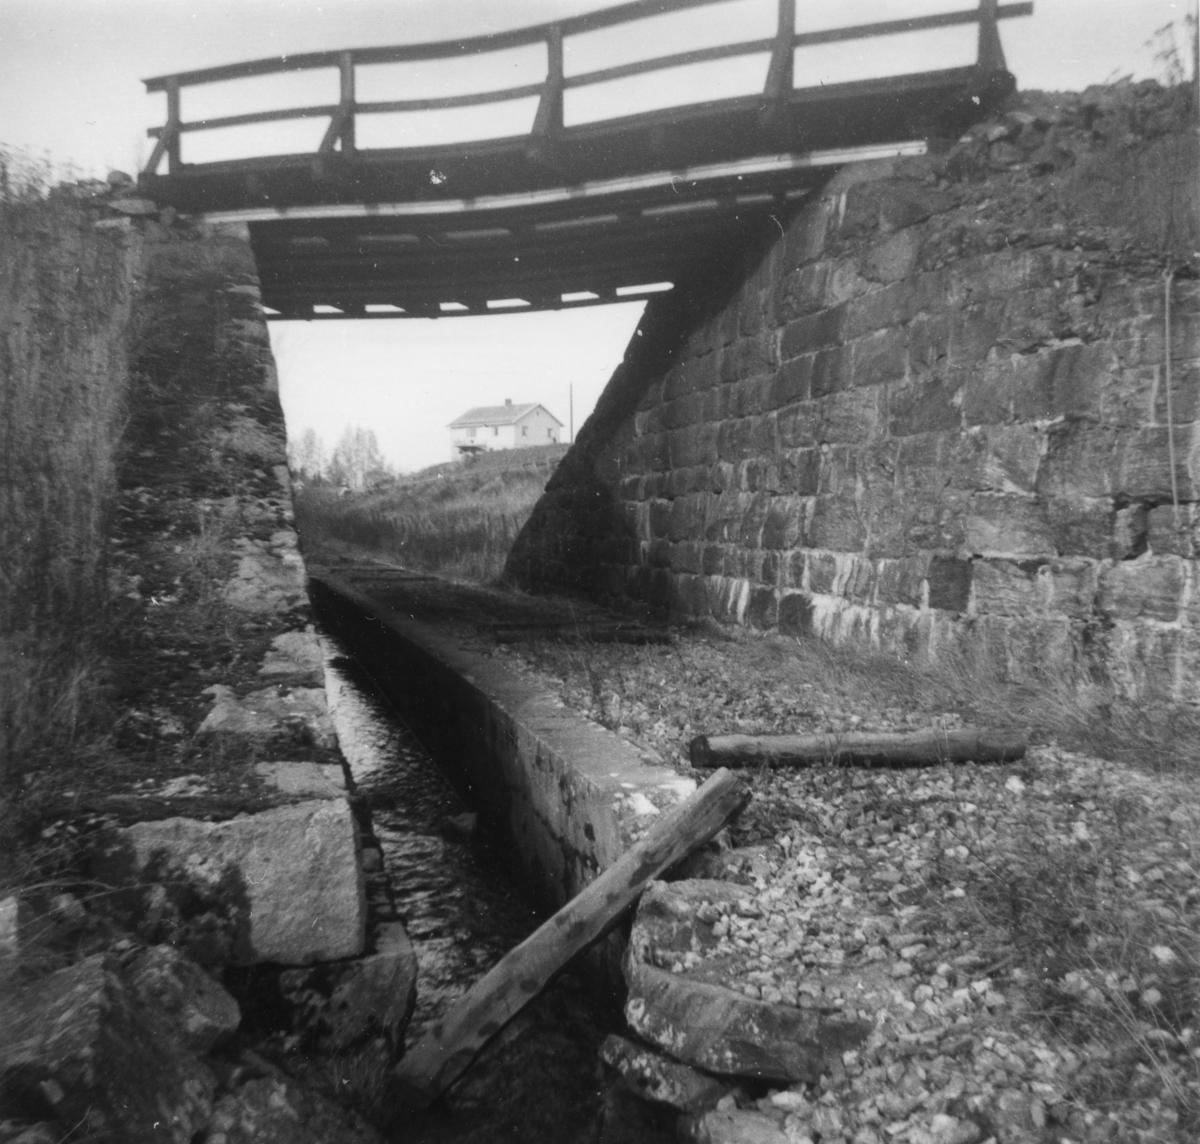 Urskog-Hølandsbanens trase der den krysser under Kongsvingerbanen. Sporet ble fjernet etter nedleggelsen, men ble lagt ut igjen av museumsbanen.